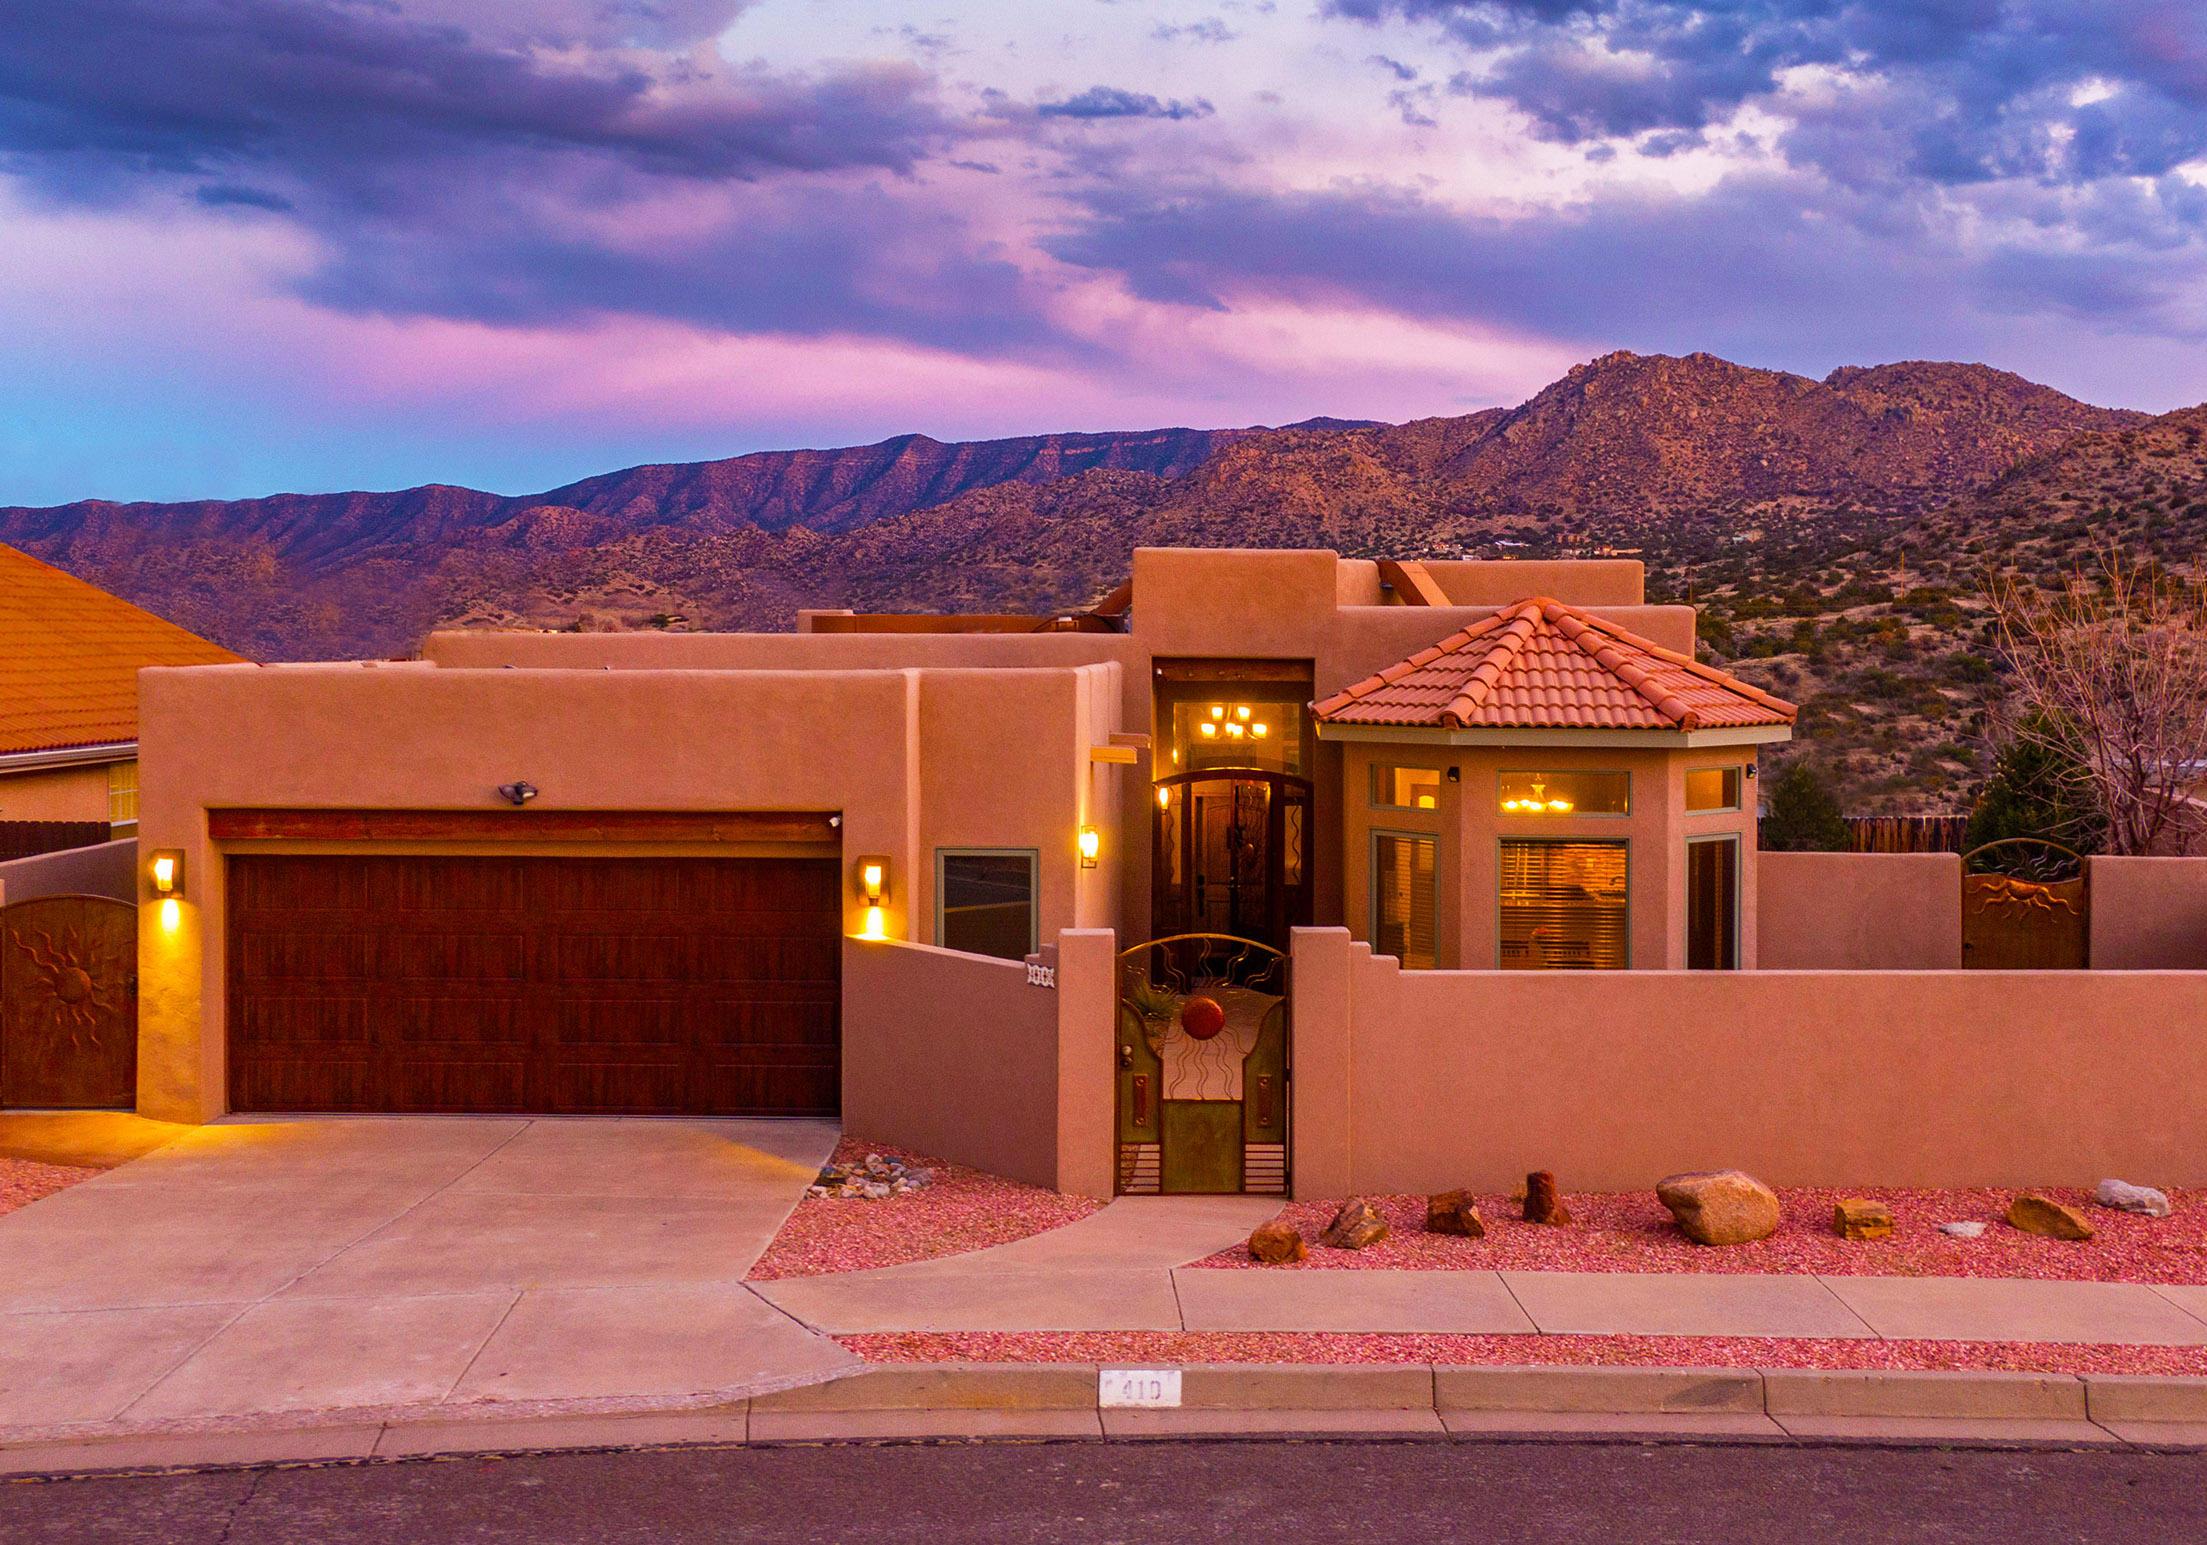 410 POINSETTIA Place, Albuquerque NM 87123